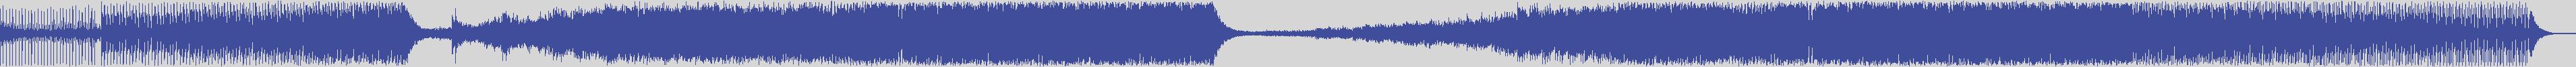 just_digital_records [JS1219] Negativefaces, Ash - Courage [Original Mix] audio wave form